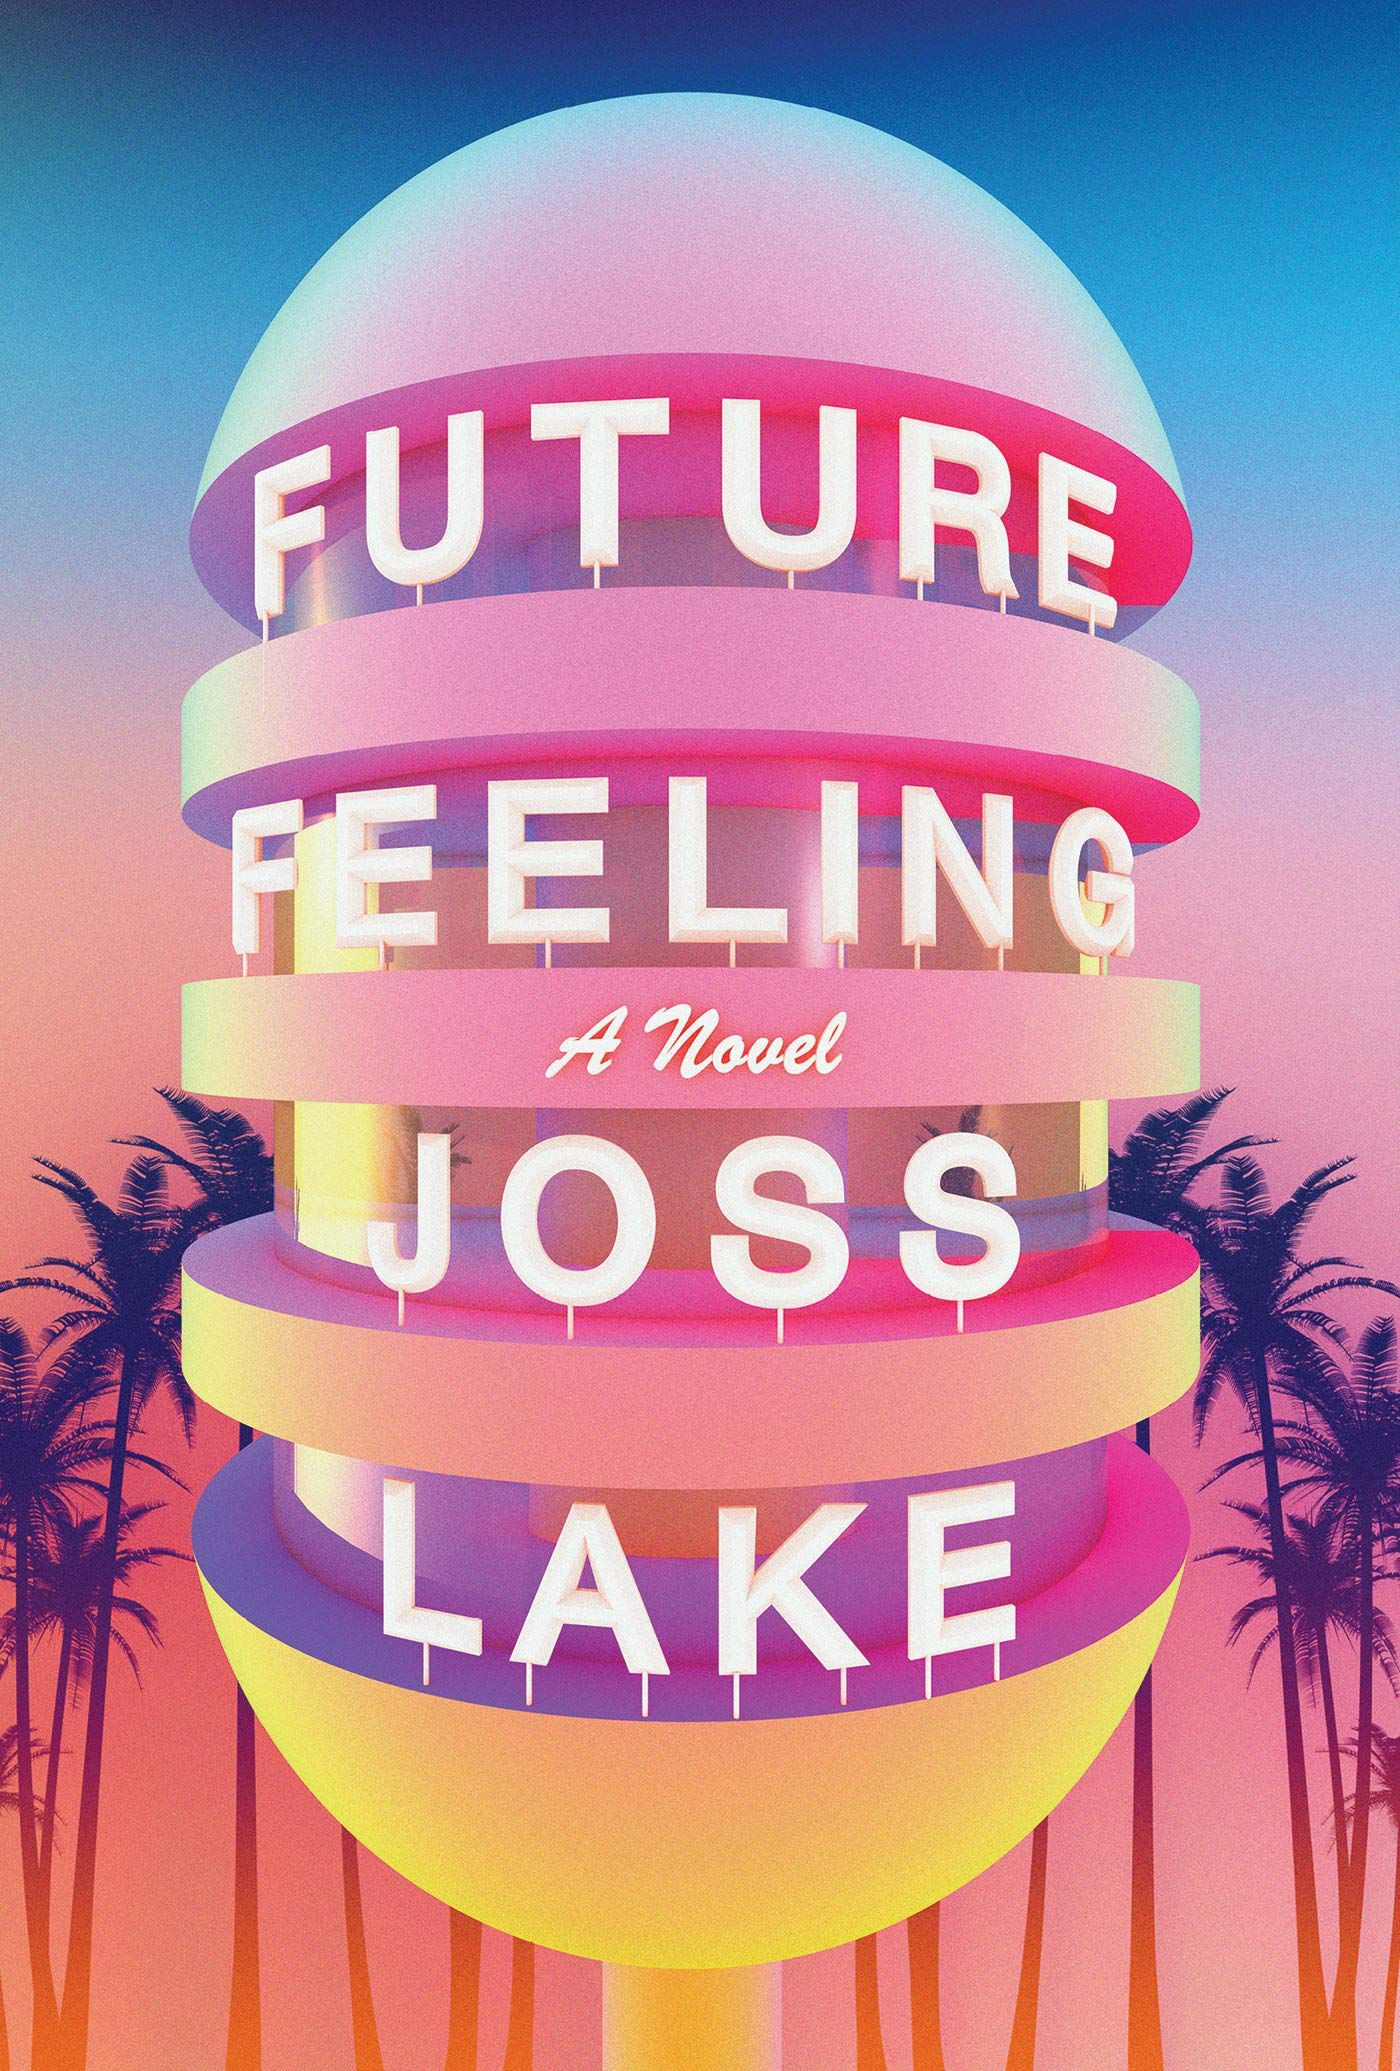 Future Feeling book cover